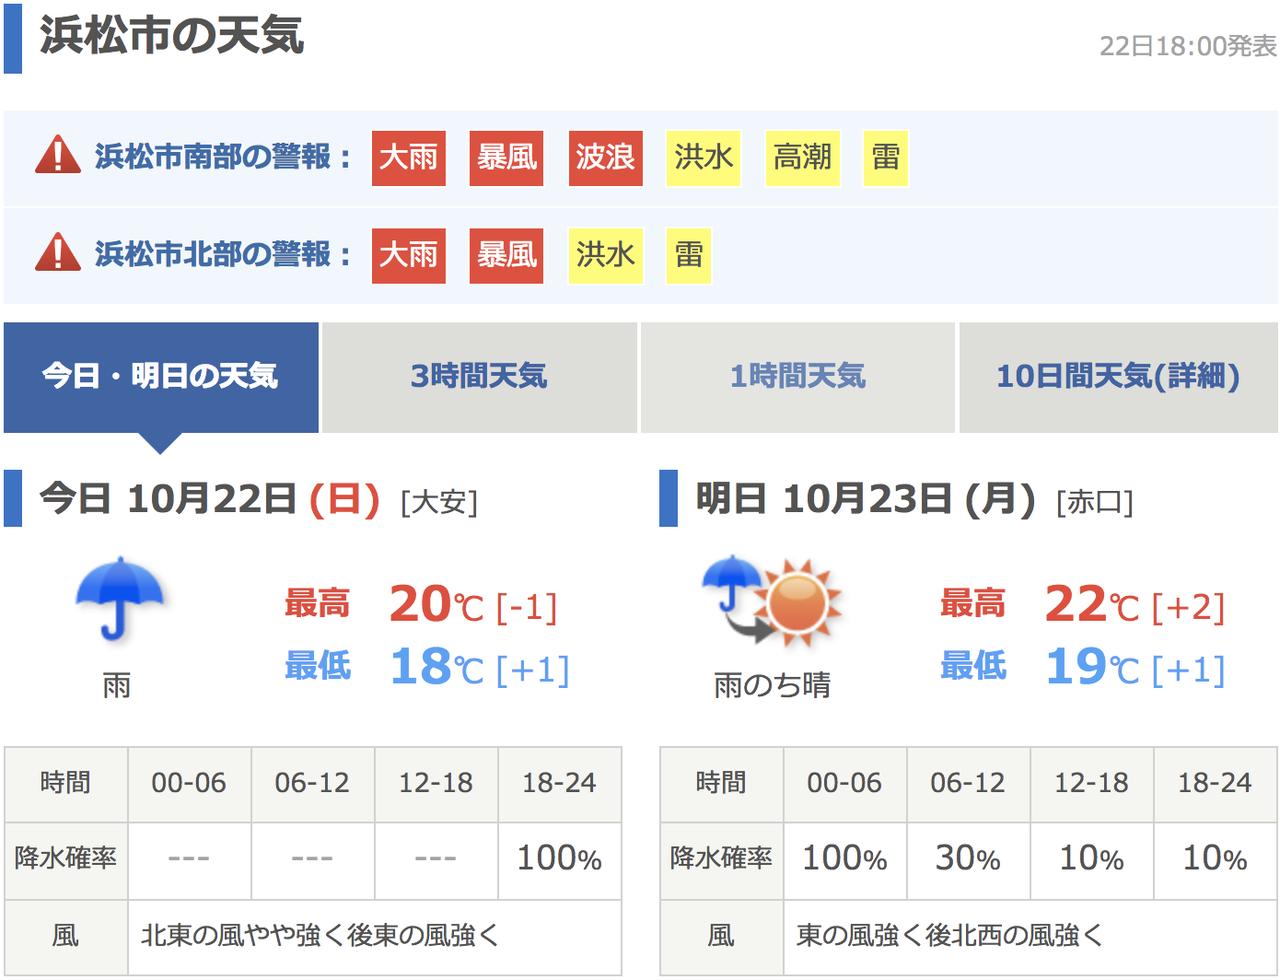 明日 天気 日本